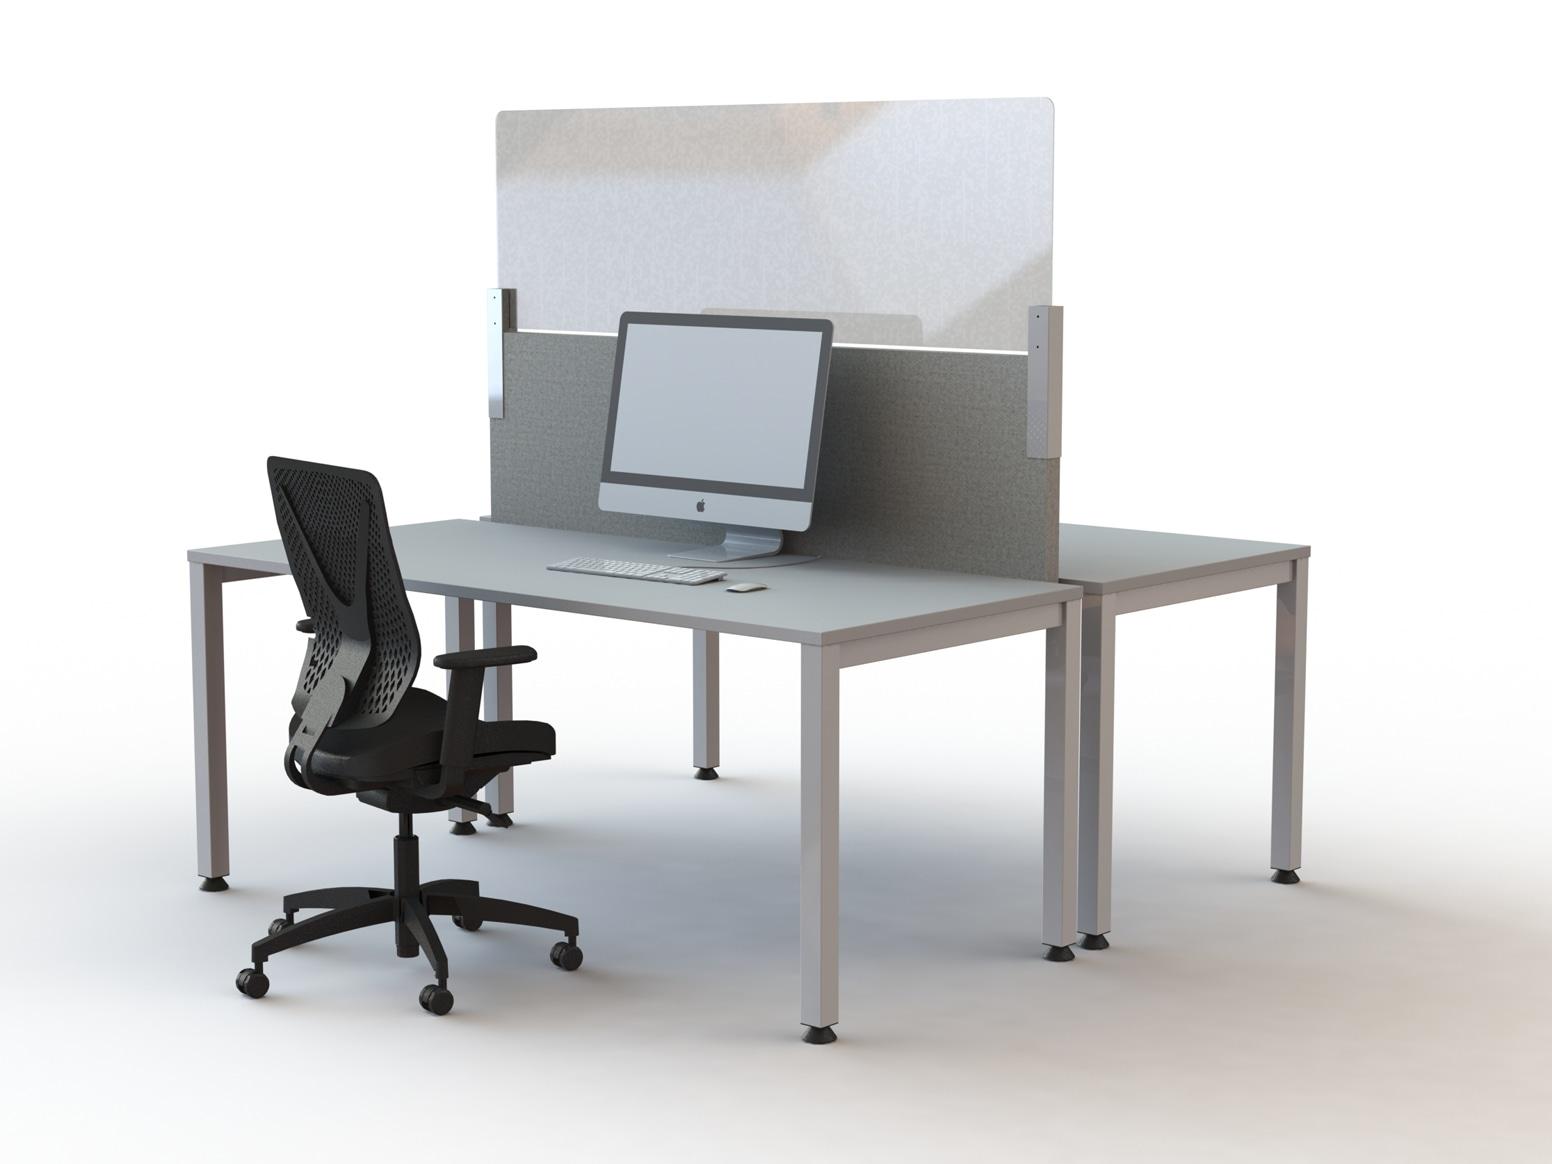 plexiglas wand op akoestisch bureauscherm,